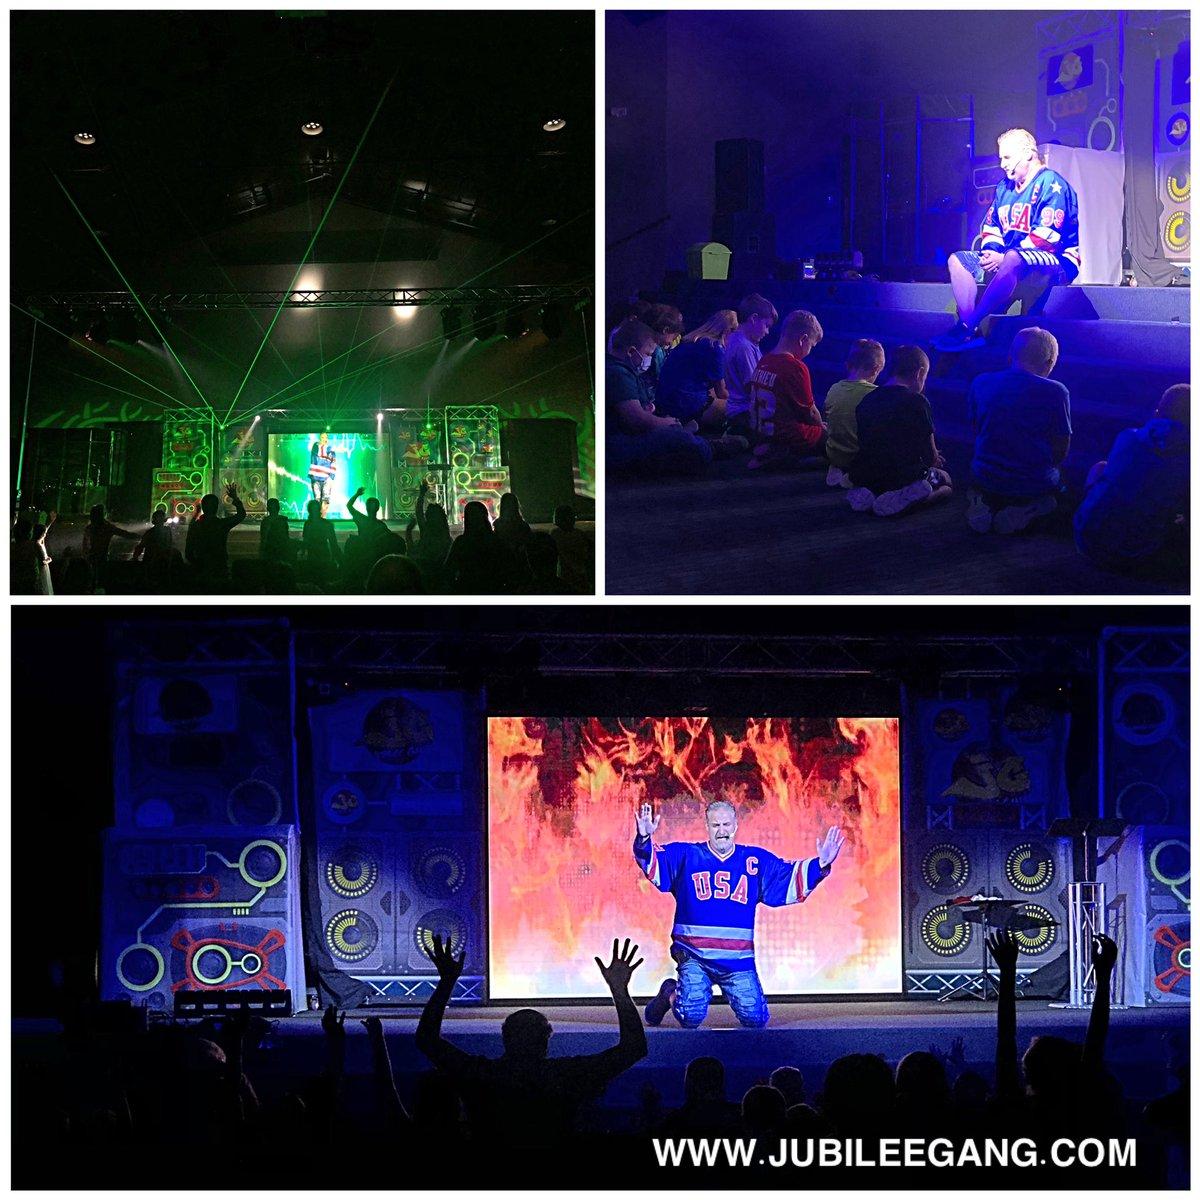 JubileeGang photo